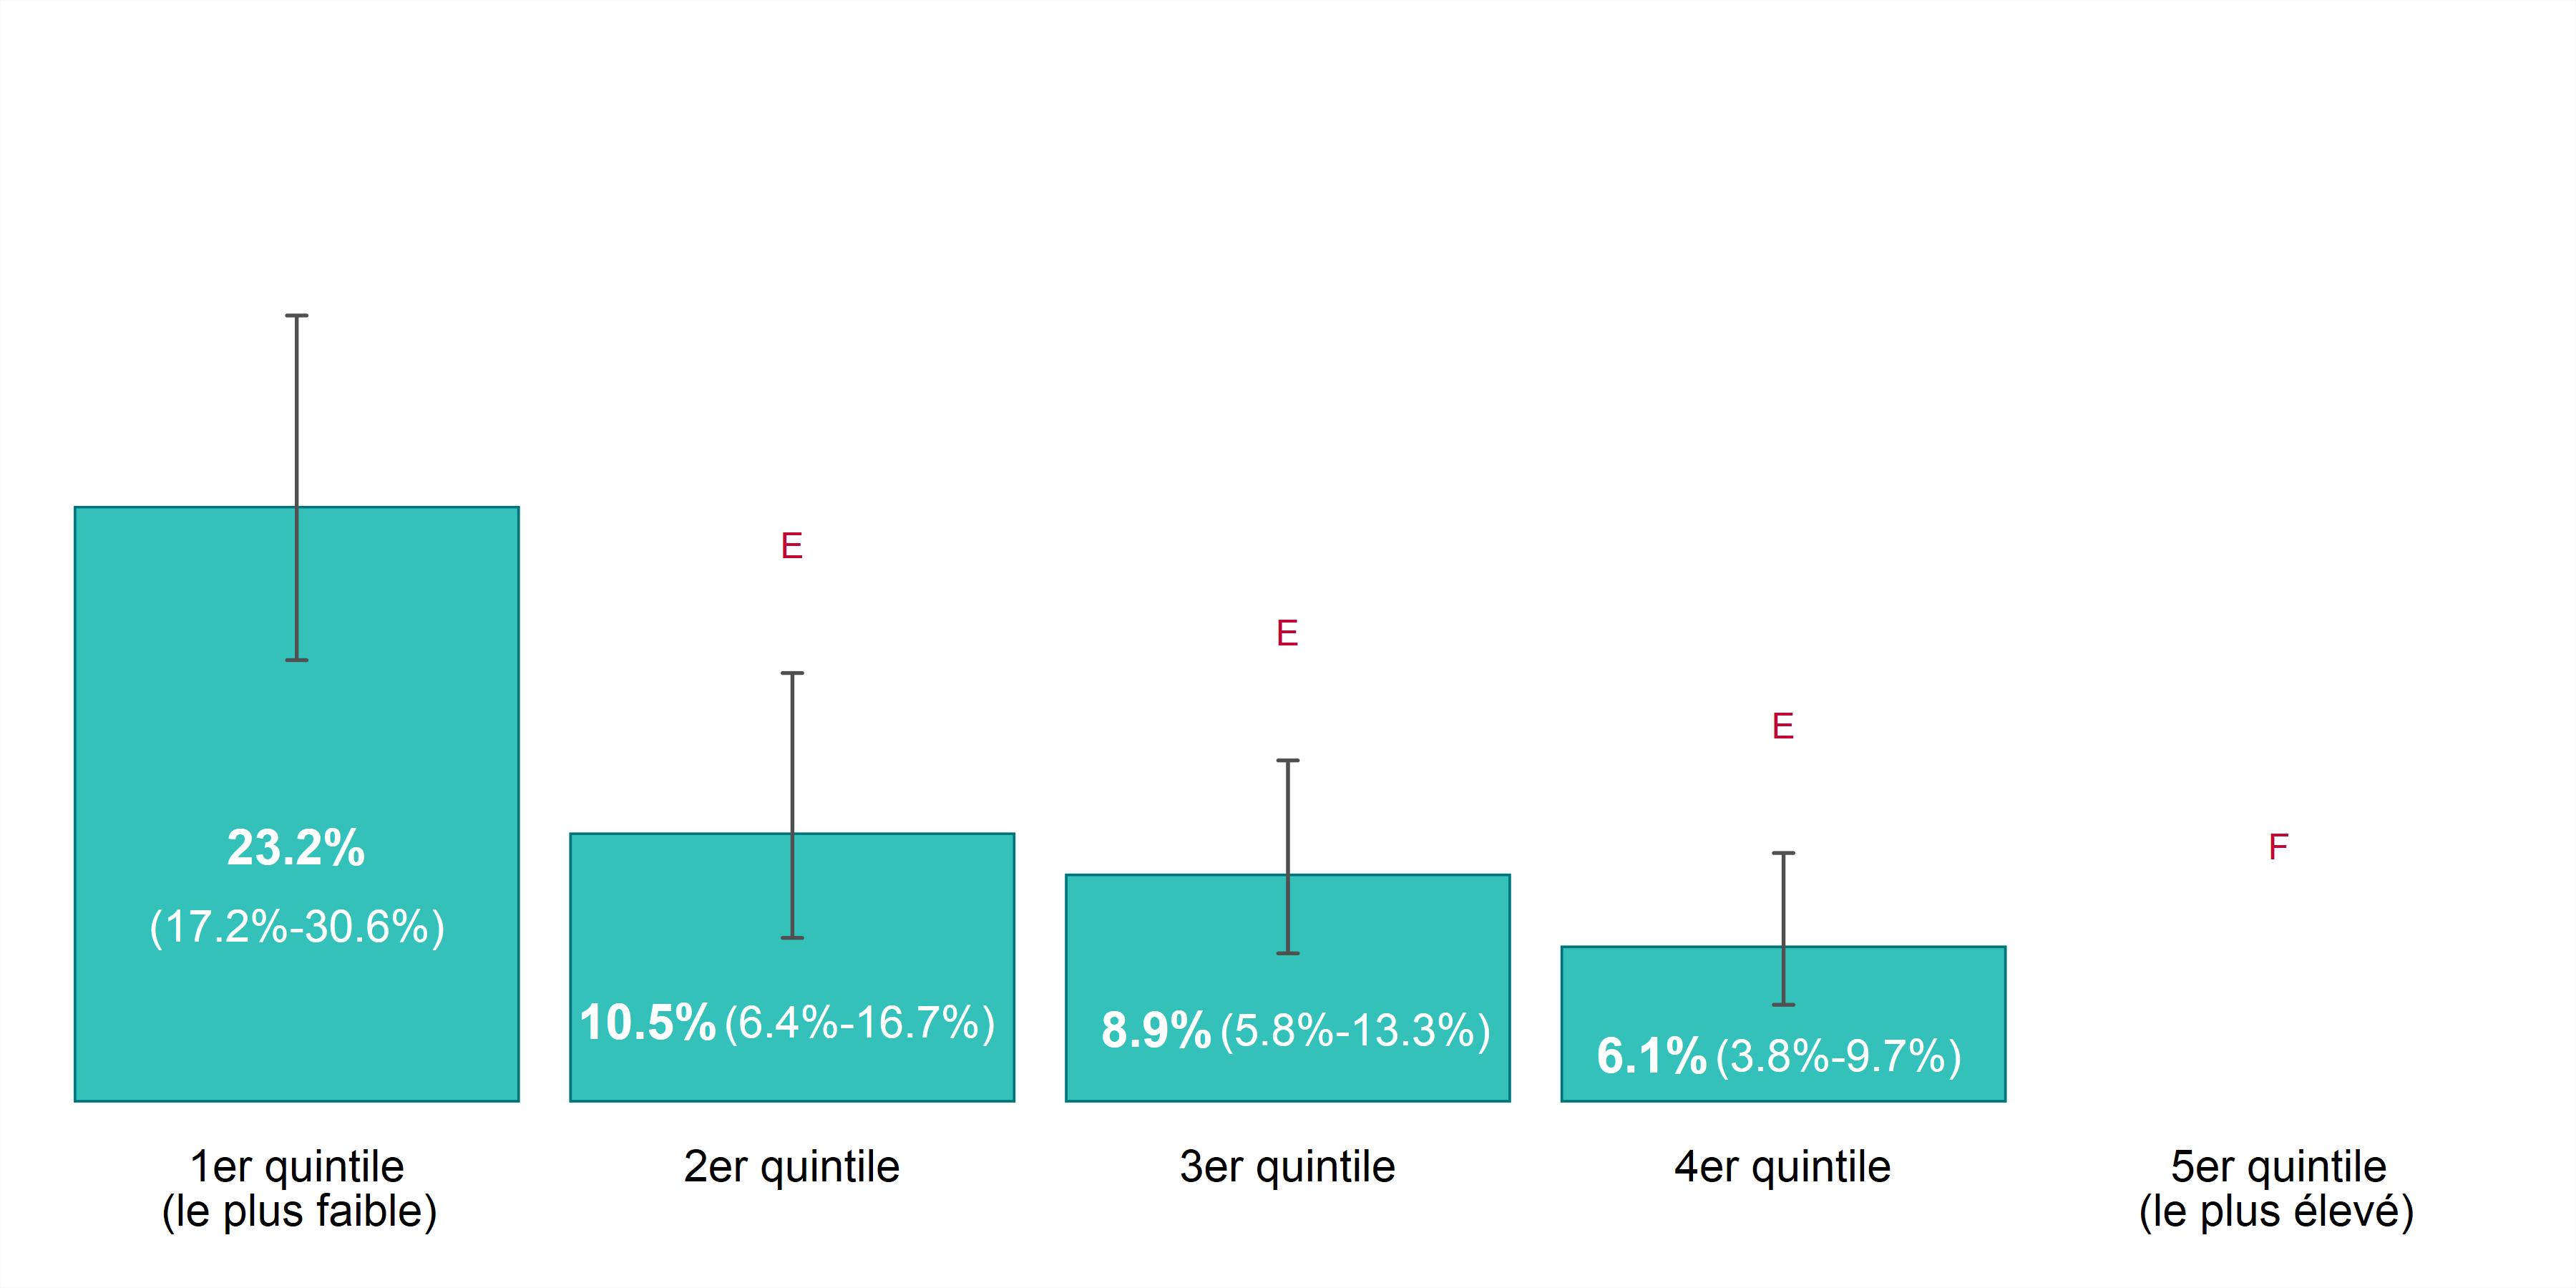 Ce graphique à barres illustre le taux de prévalence pour la santé mentale autoévaluée (excellente ou très bonne), selon l'année et le revenu du ménage, chez les 12 ans ou plus, dans Sudbury et districts, de 2011 à 2014. Les données pour ce graphique se trouvent dans le tableau ci-dessous.